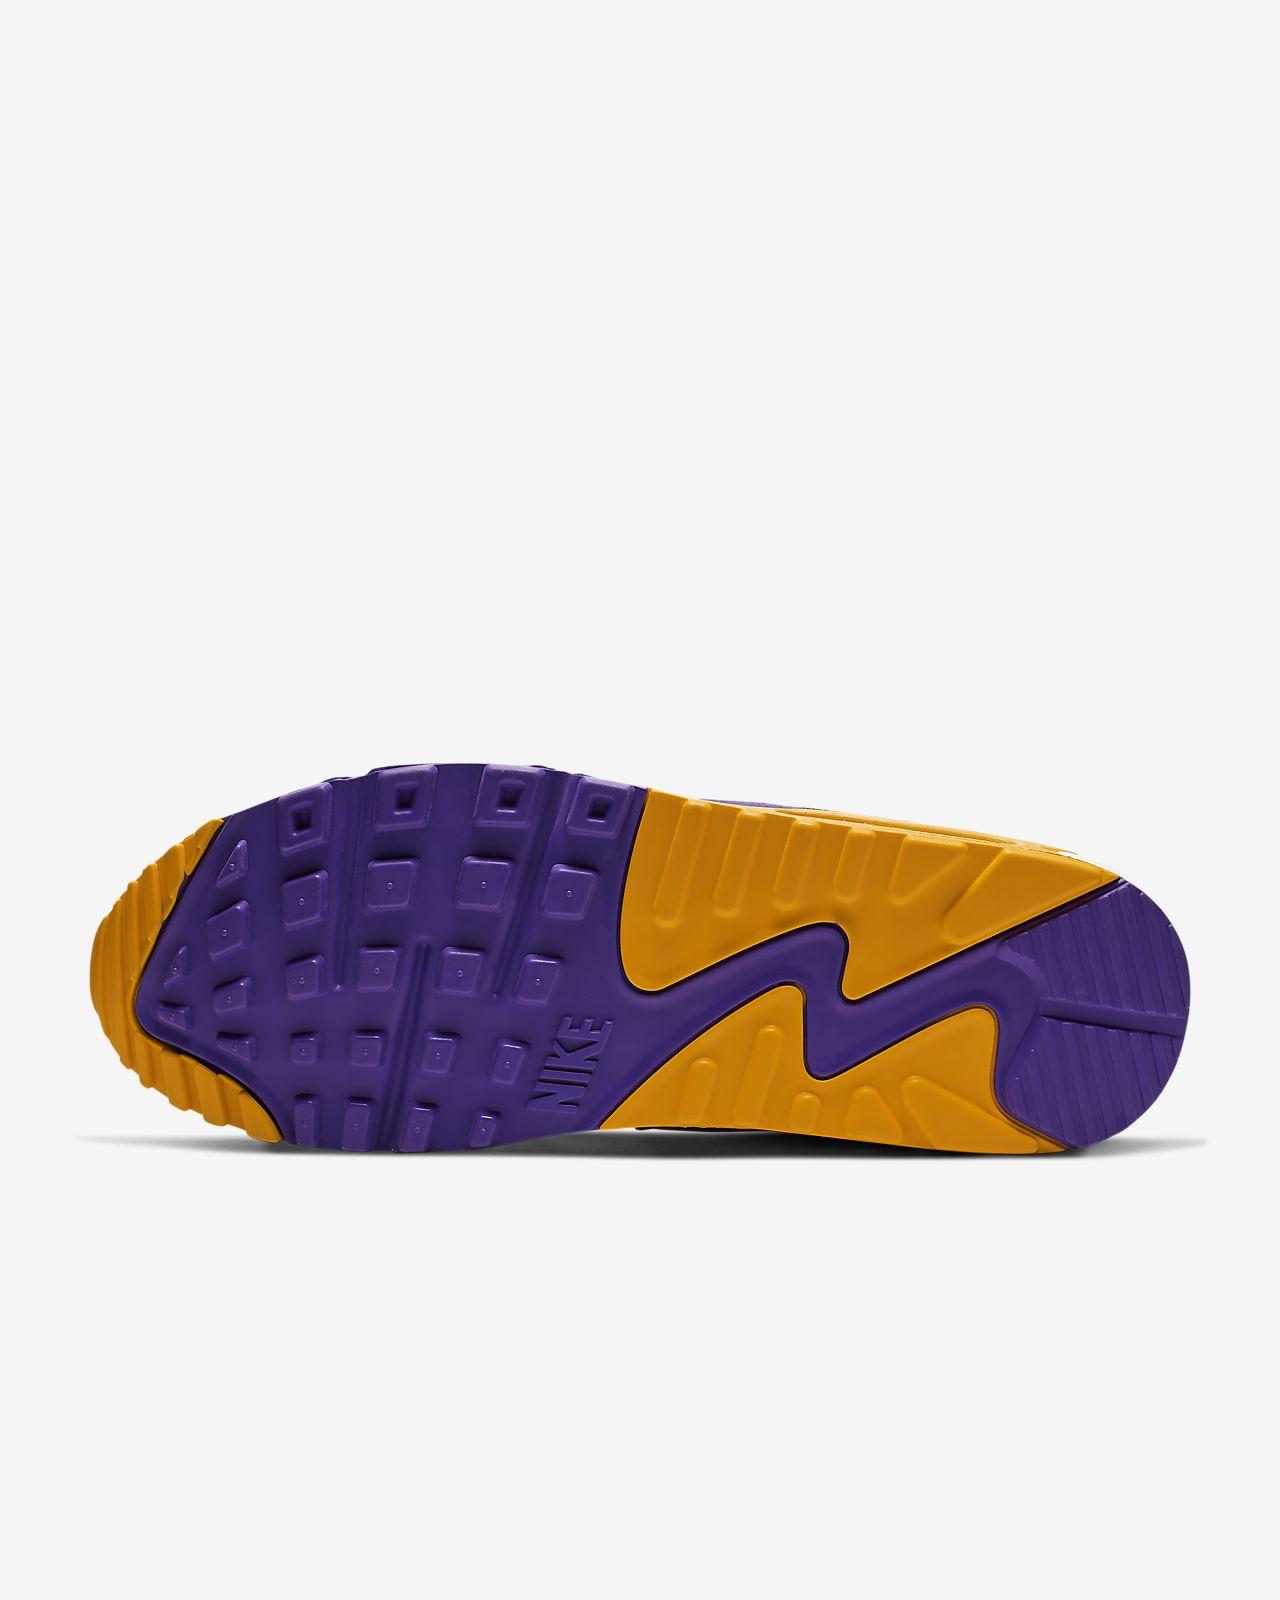 official photos 74a9b 315f5 Nike Air Max 90 Men's Shoe